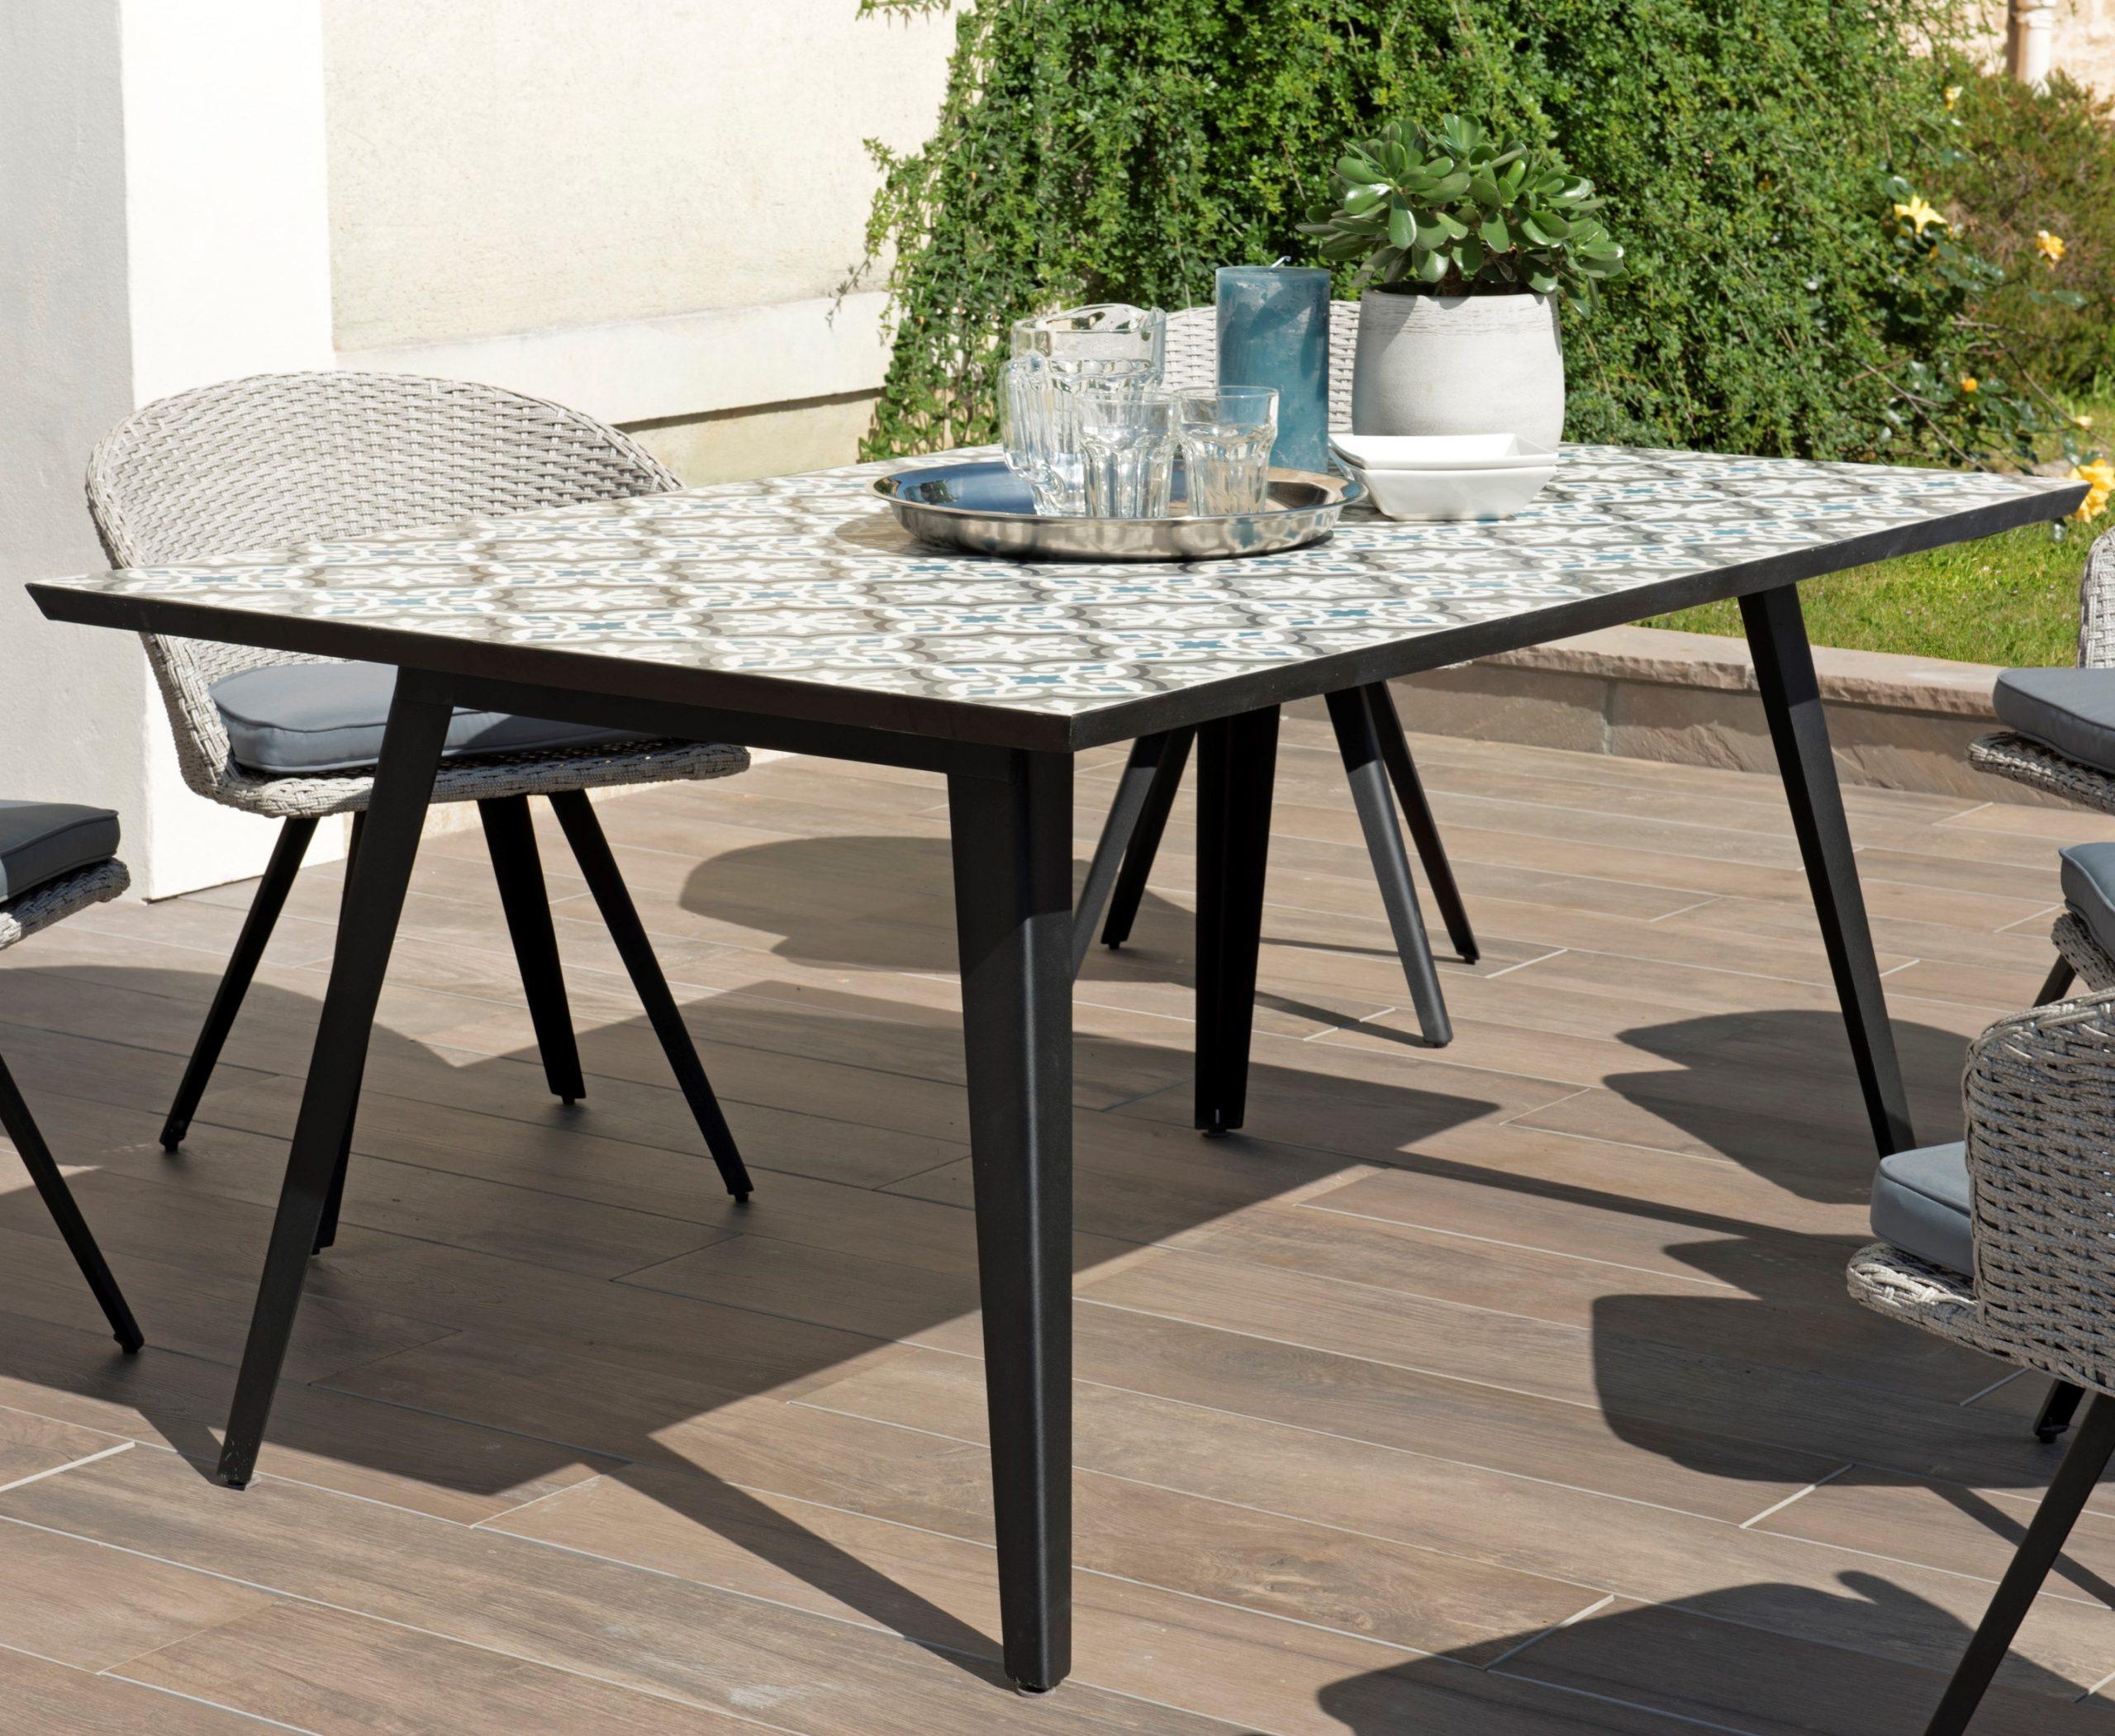 Table De Jardin 6 Personnes Carreaux De Ciment 162X102 Summer destiné Table Jardin 6 Personnes